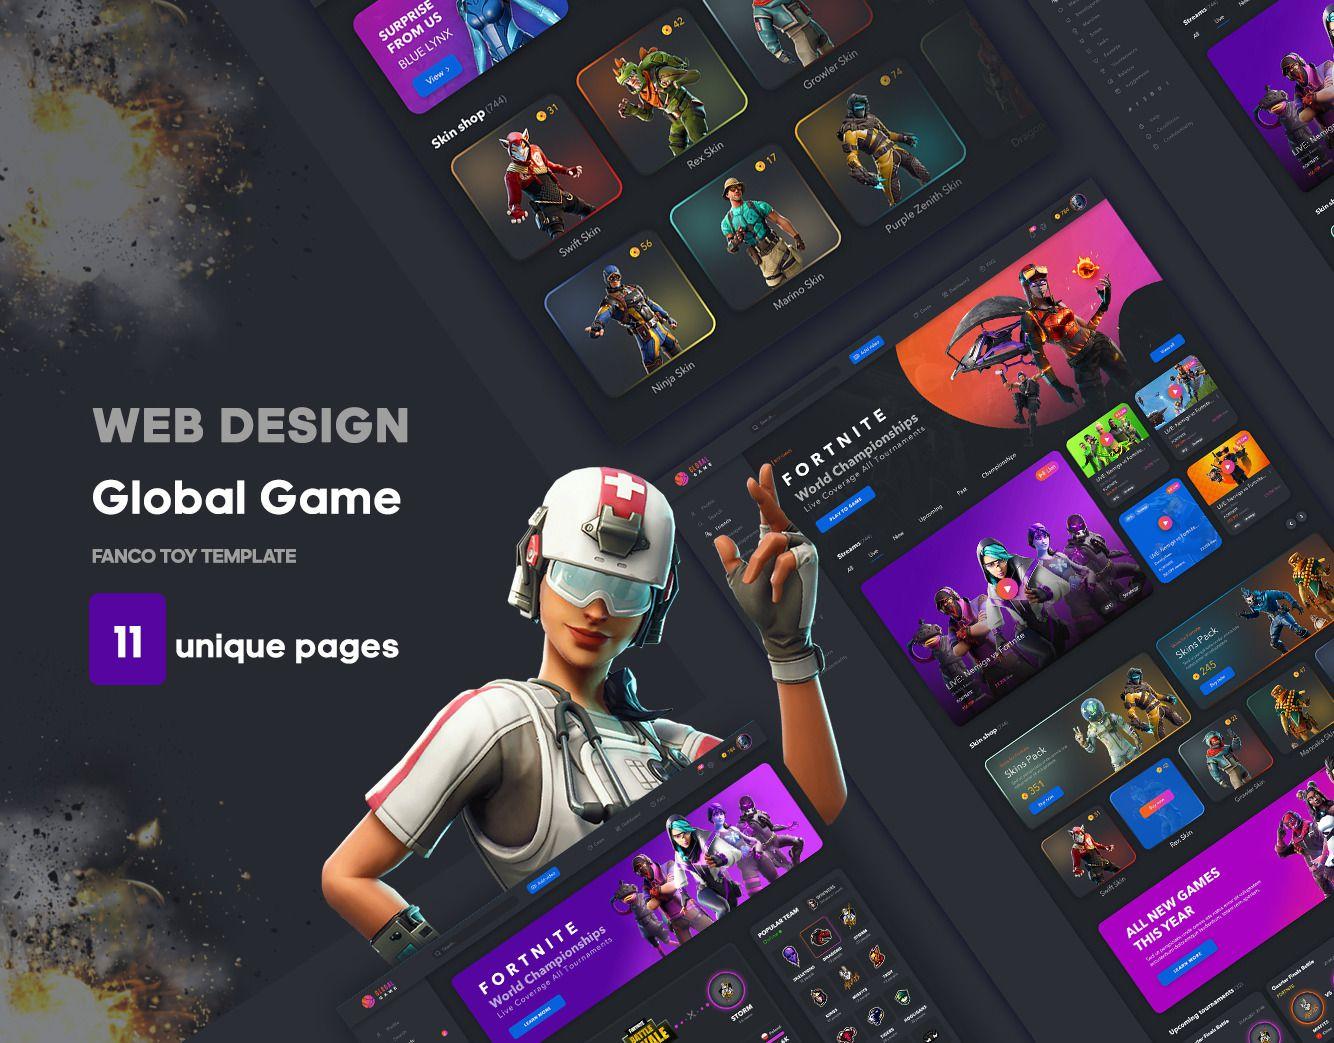 全套游戏网站Web UI套件